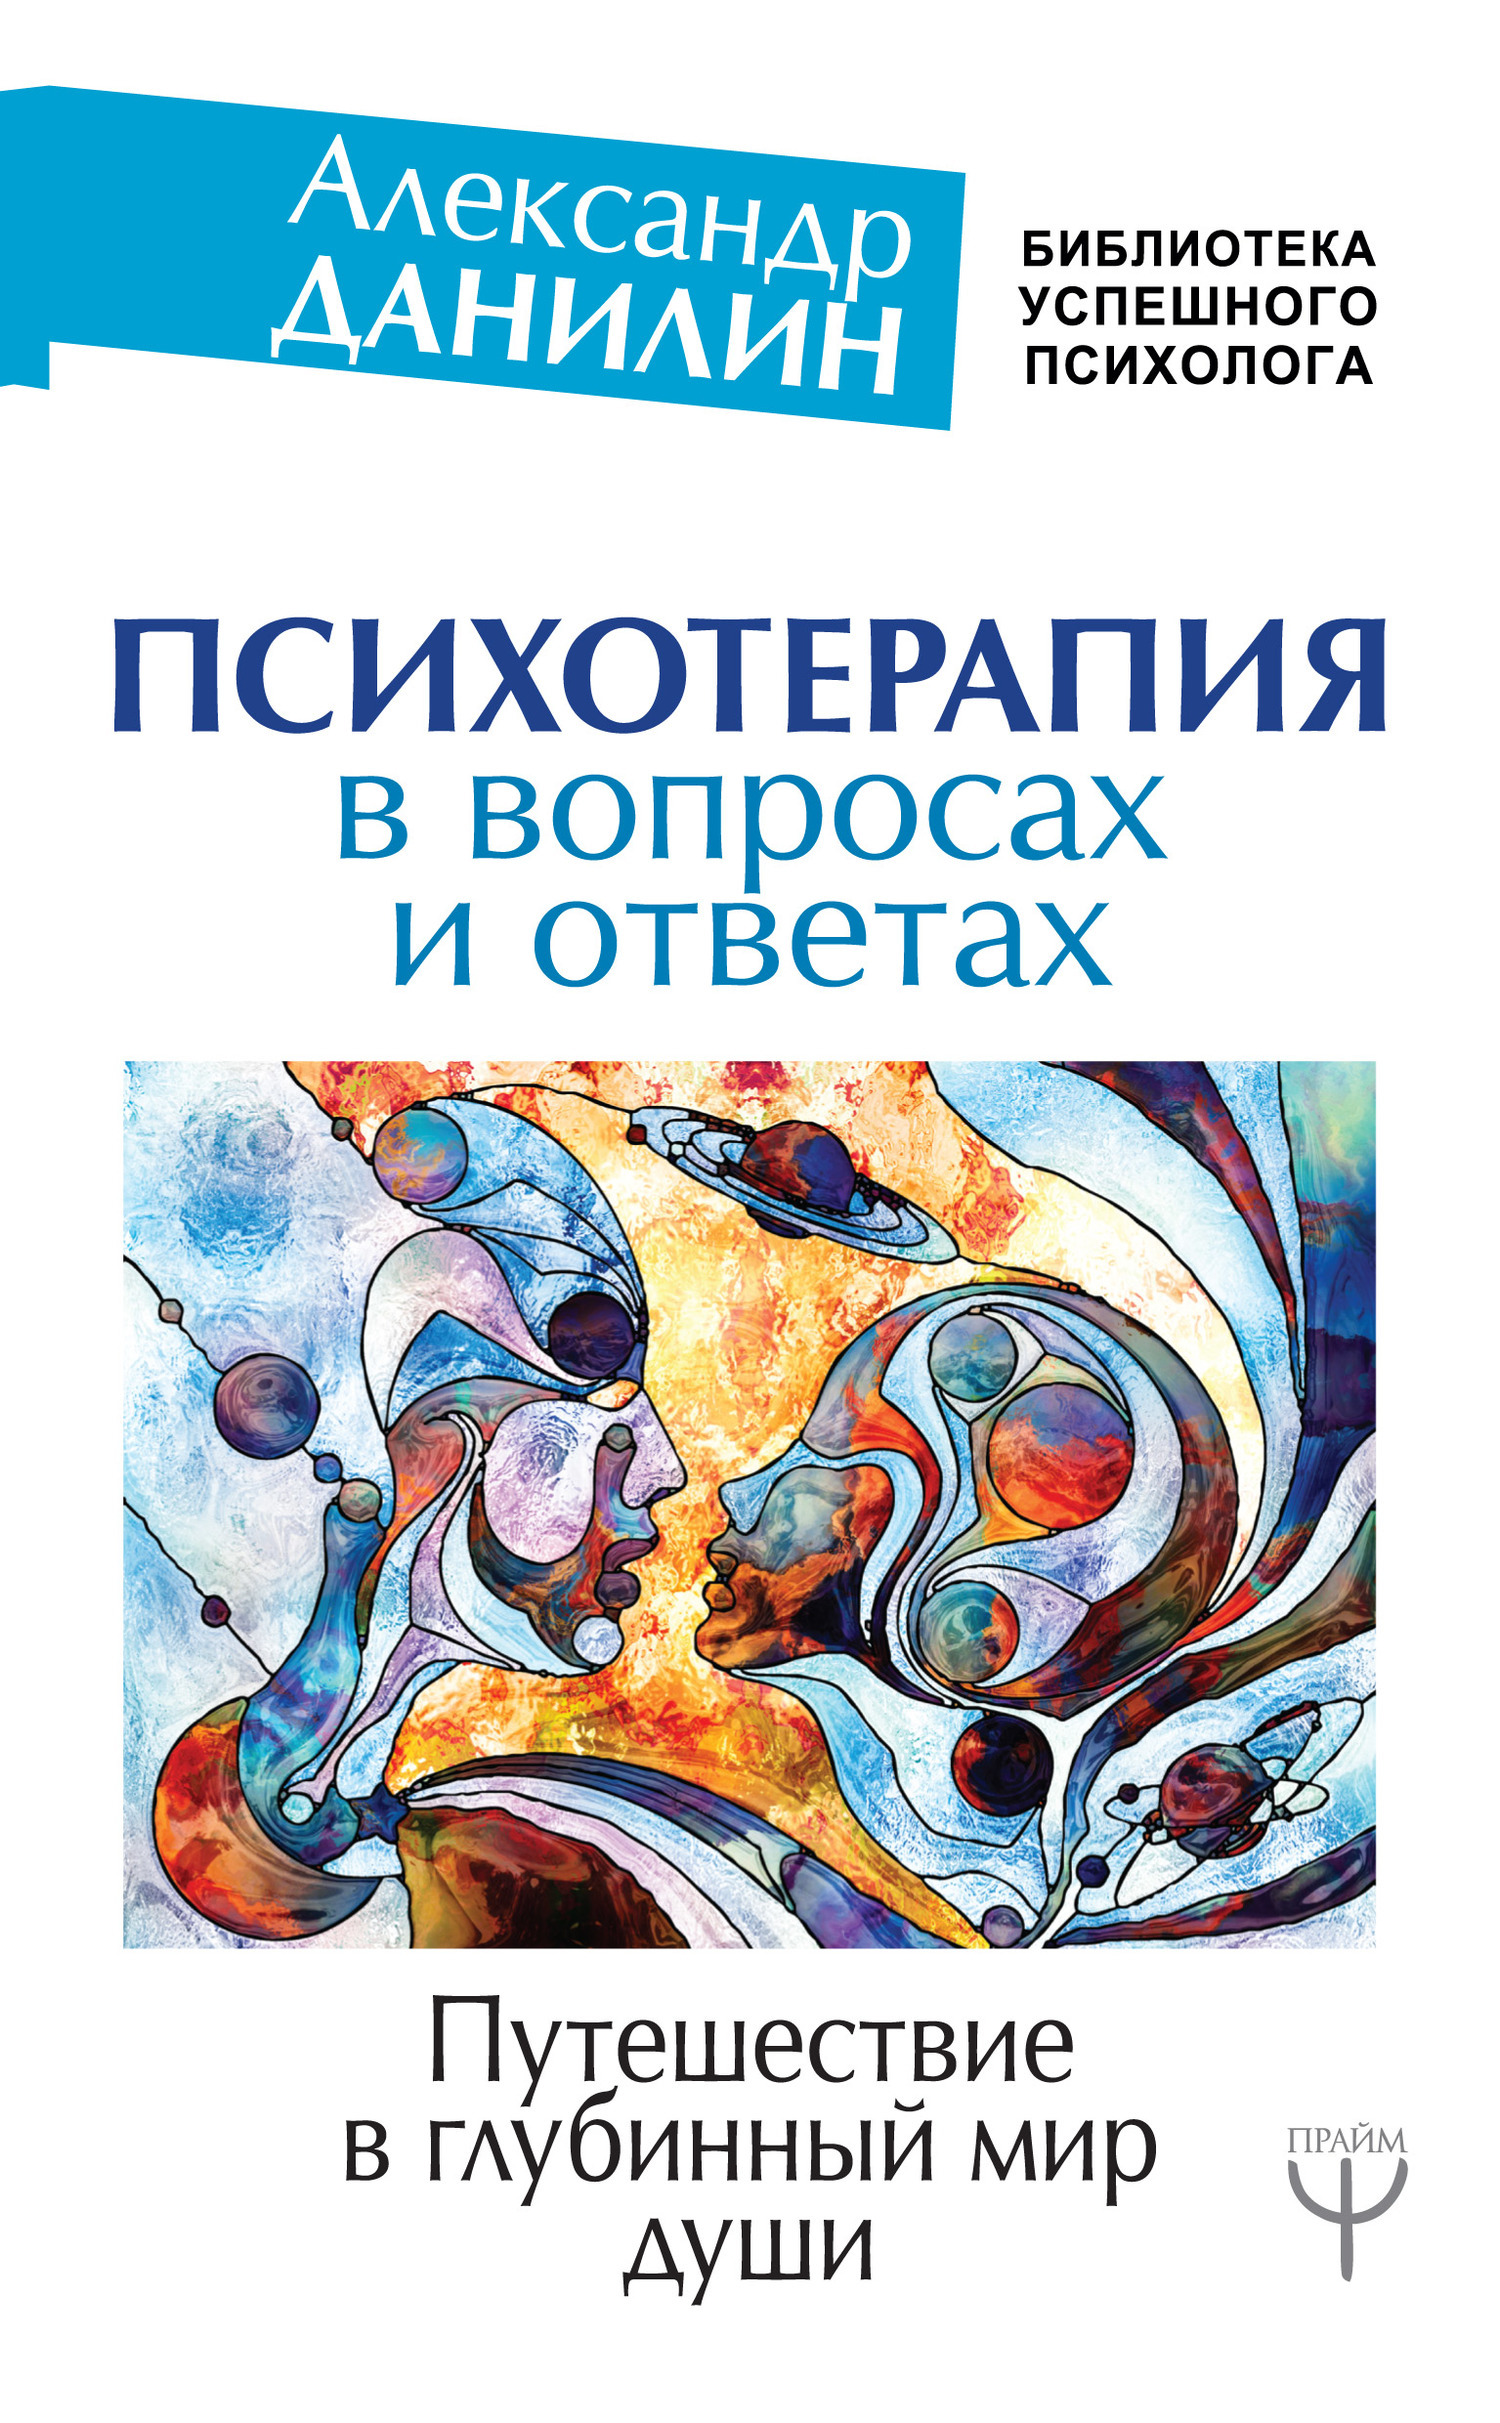 Александр Данилин «Психотерапия в вопросах и ответах. Путешествие в глубинный мир души»